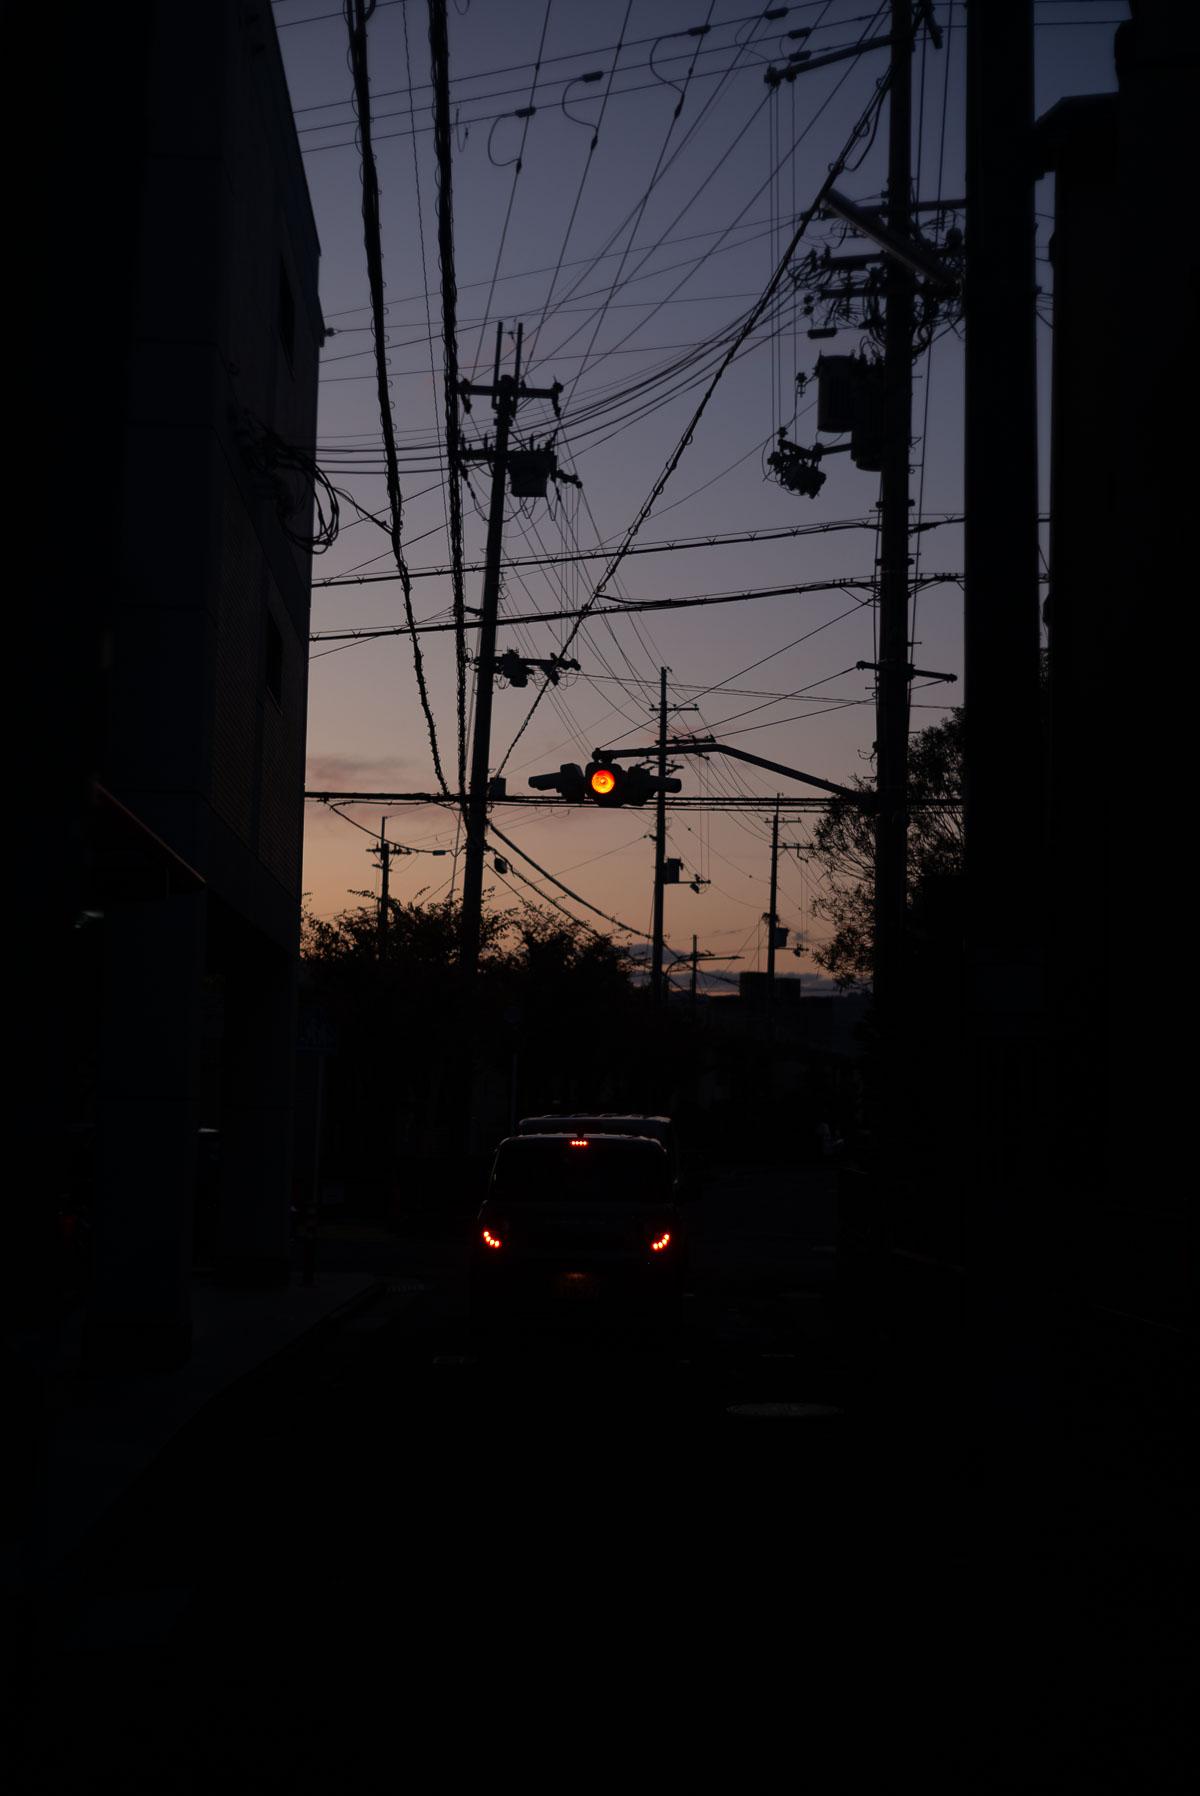 夕暮れ散歩 信号